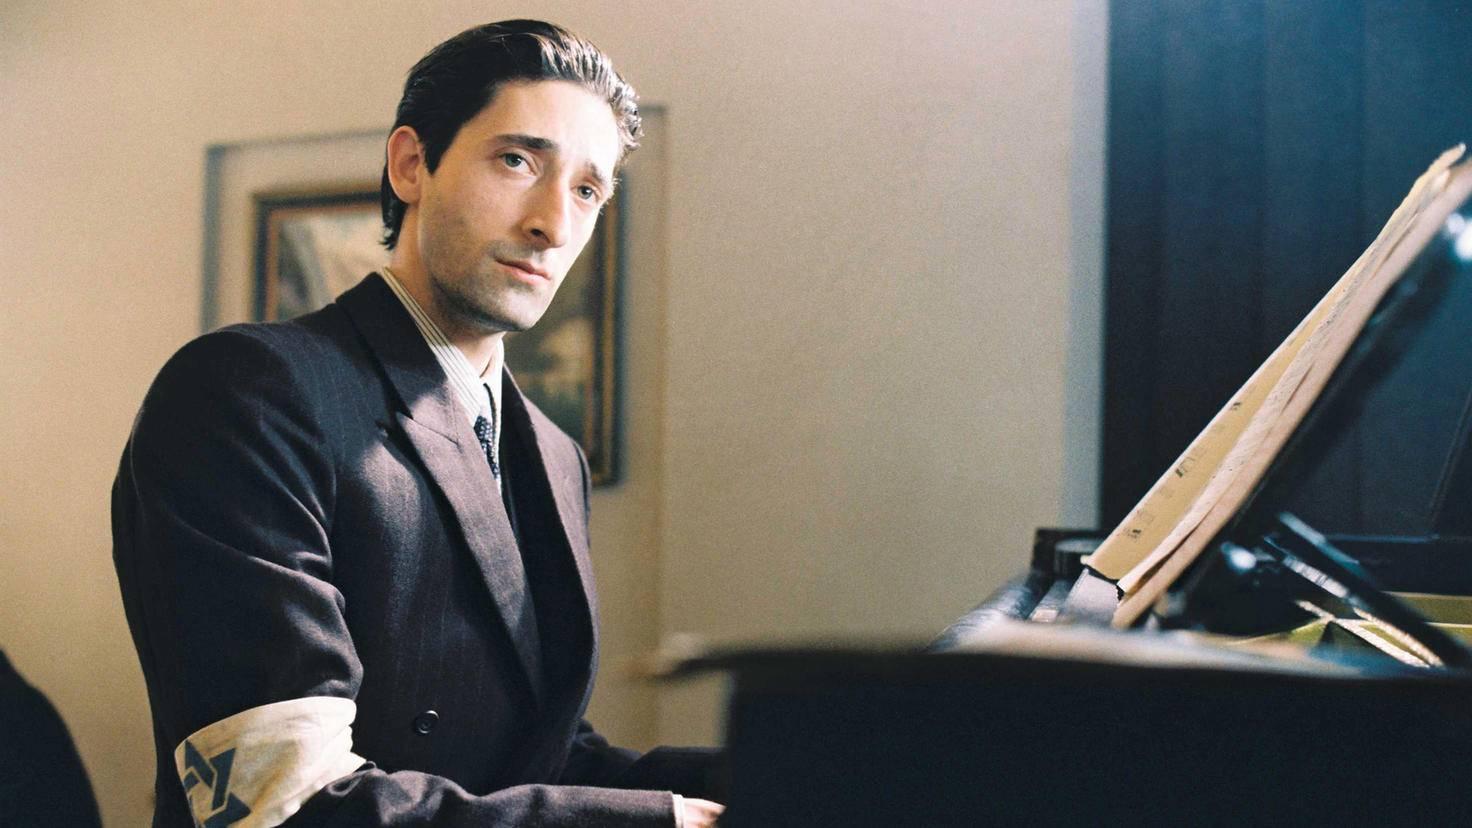 Der Pianist Adrien Brody